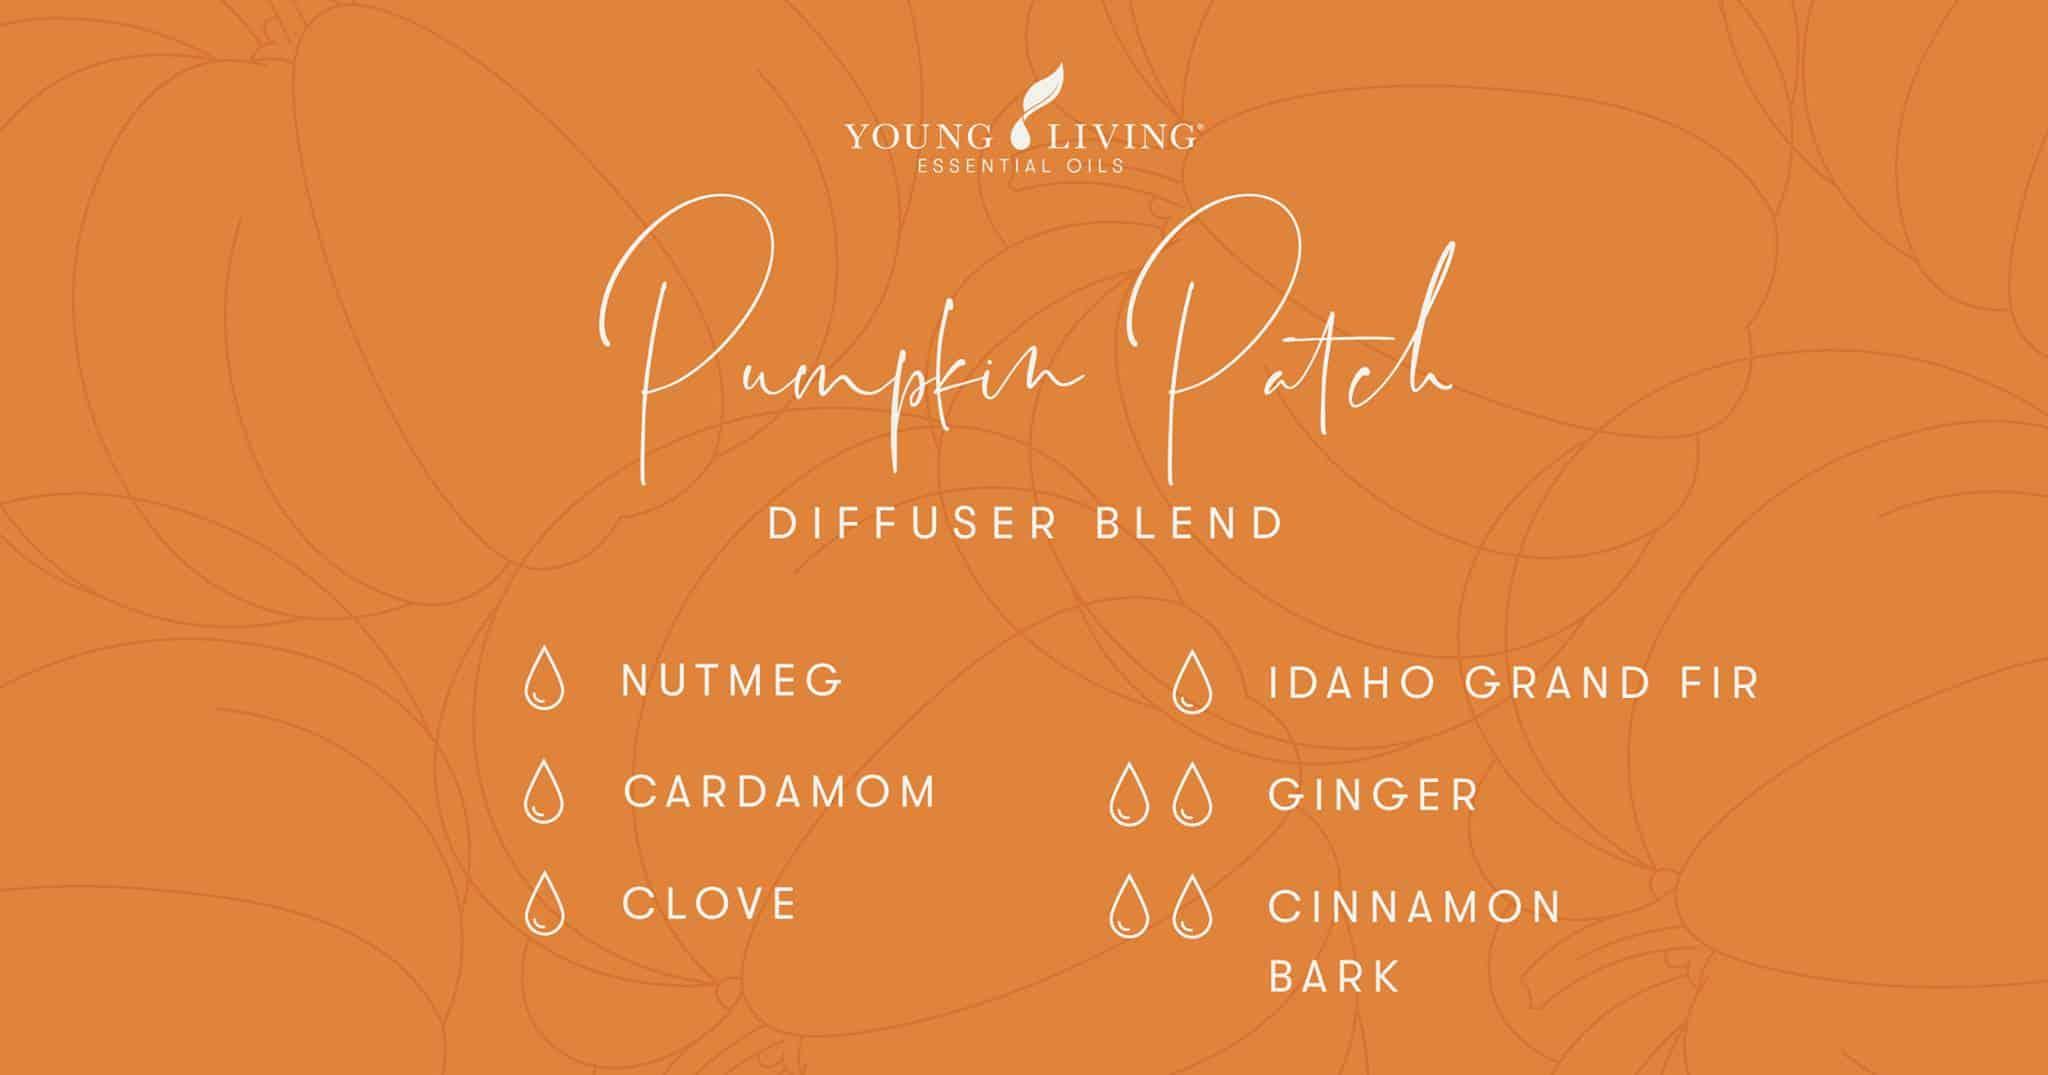 Pumpkin Patch essential oil diffuser blend recipe